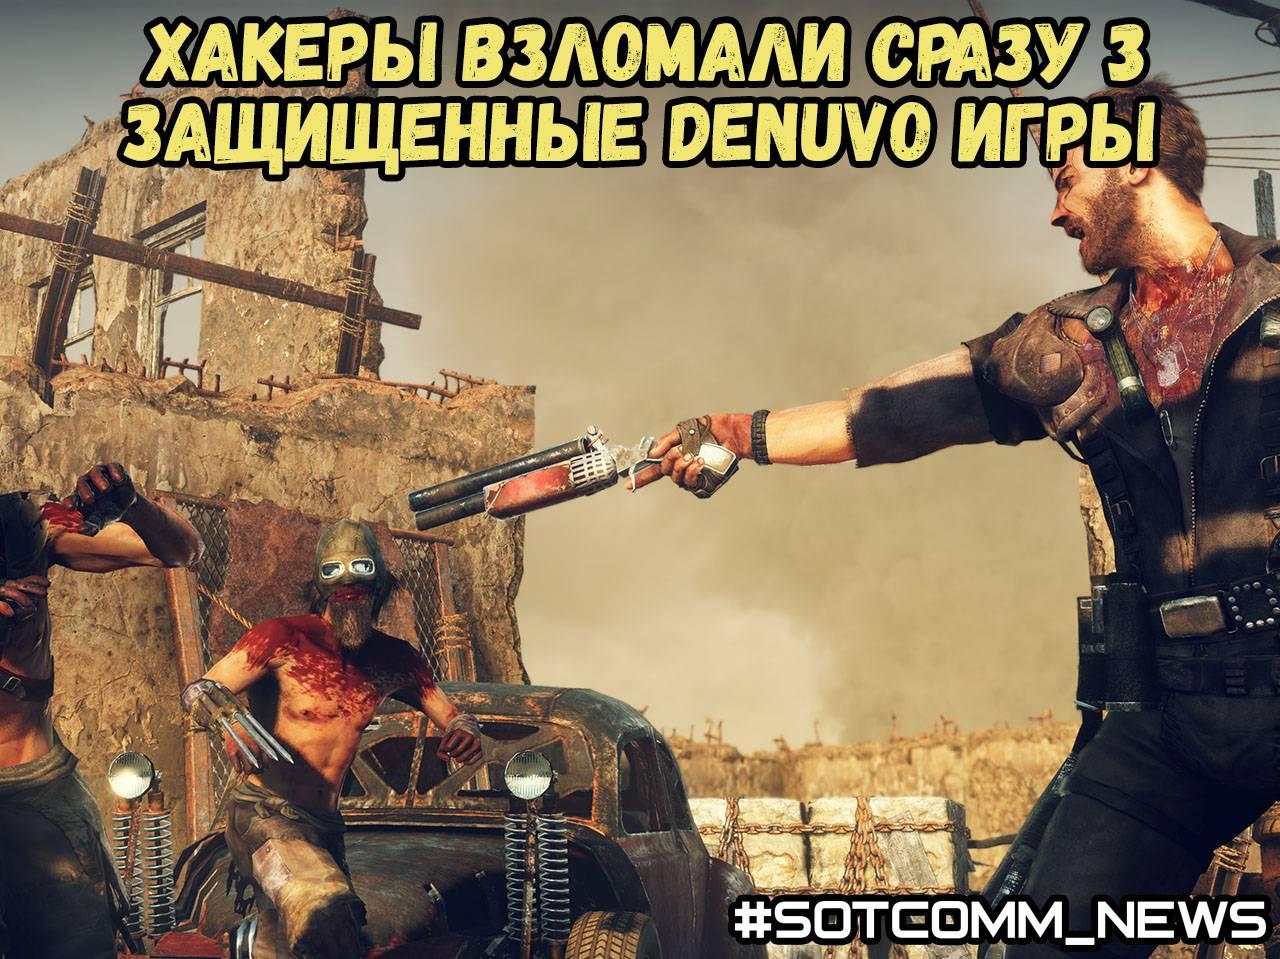 Хакеры взломали сразу 3 защищенные Denuvo игры